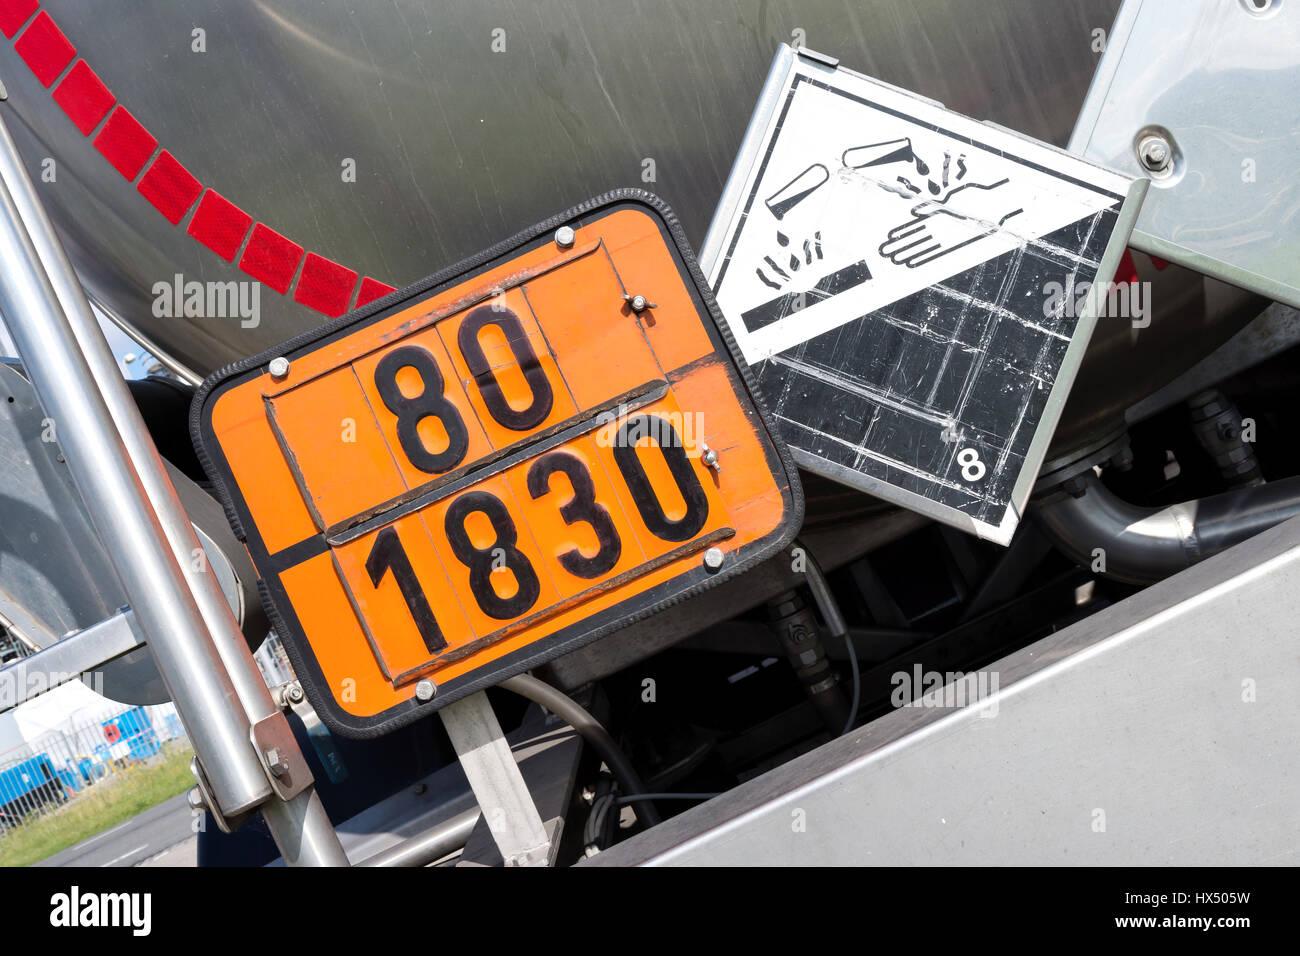 Orange Farbige Teller Mit Gefahr Identifikationsnummer 80 Und Un